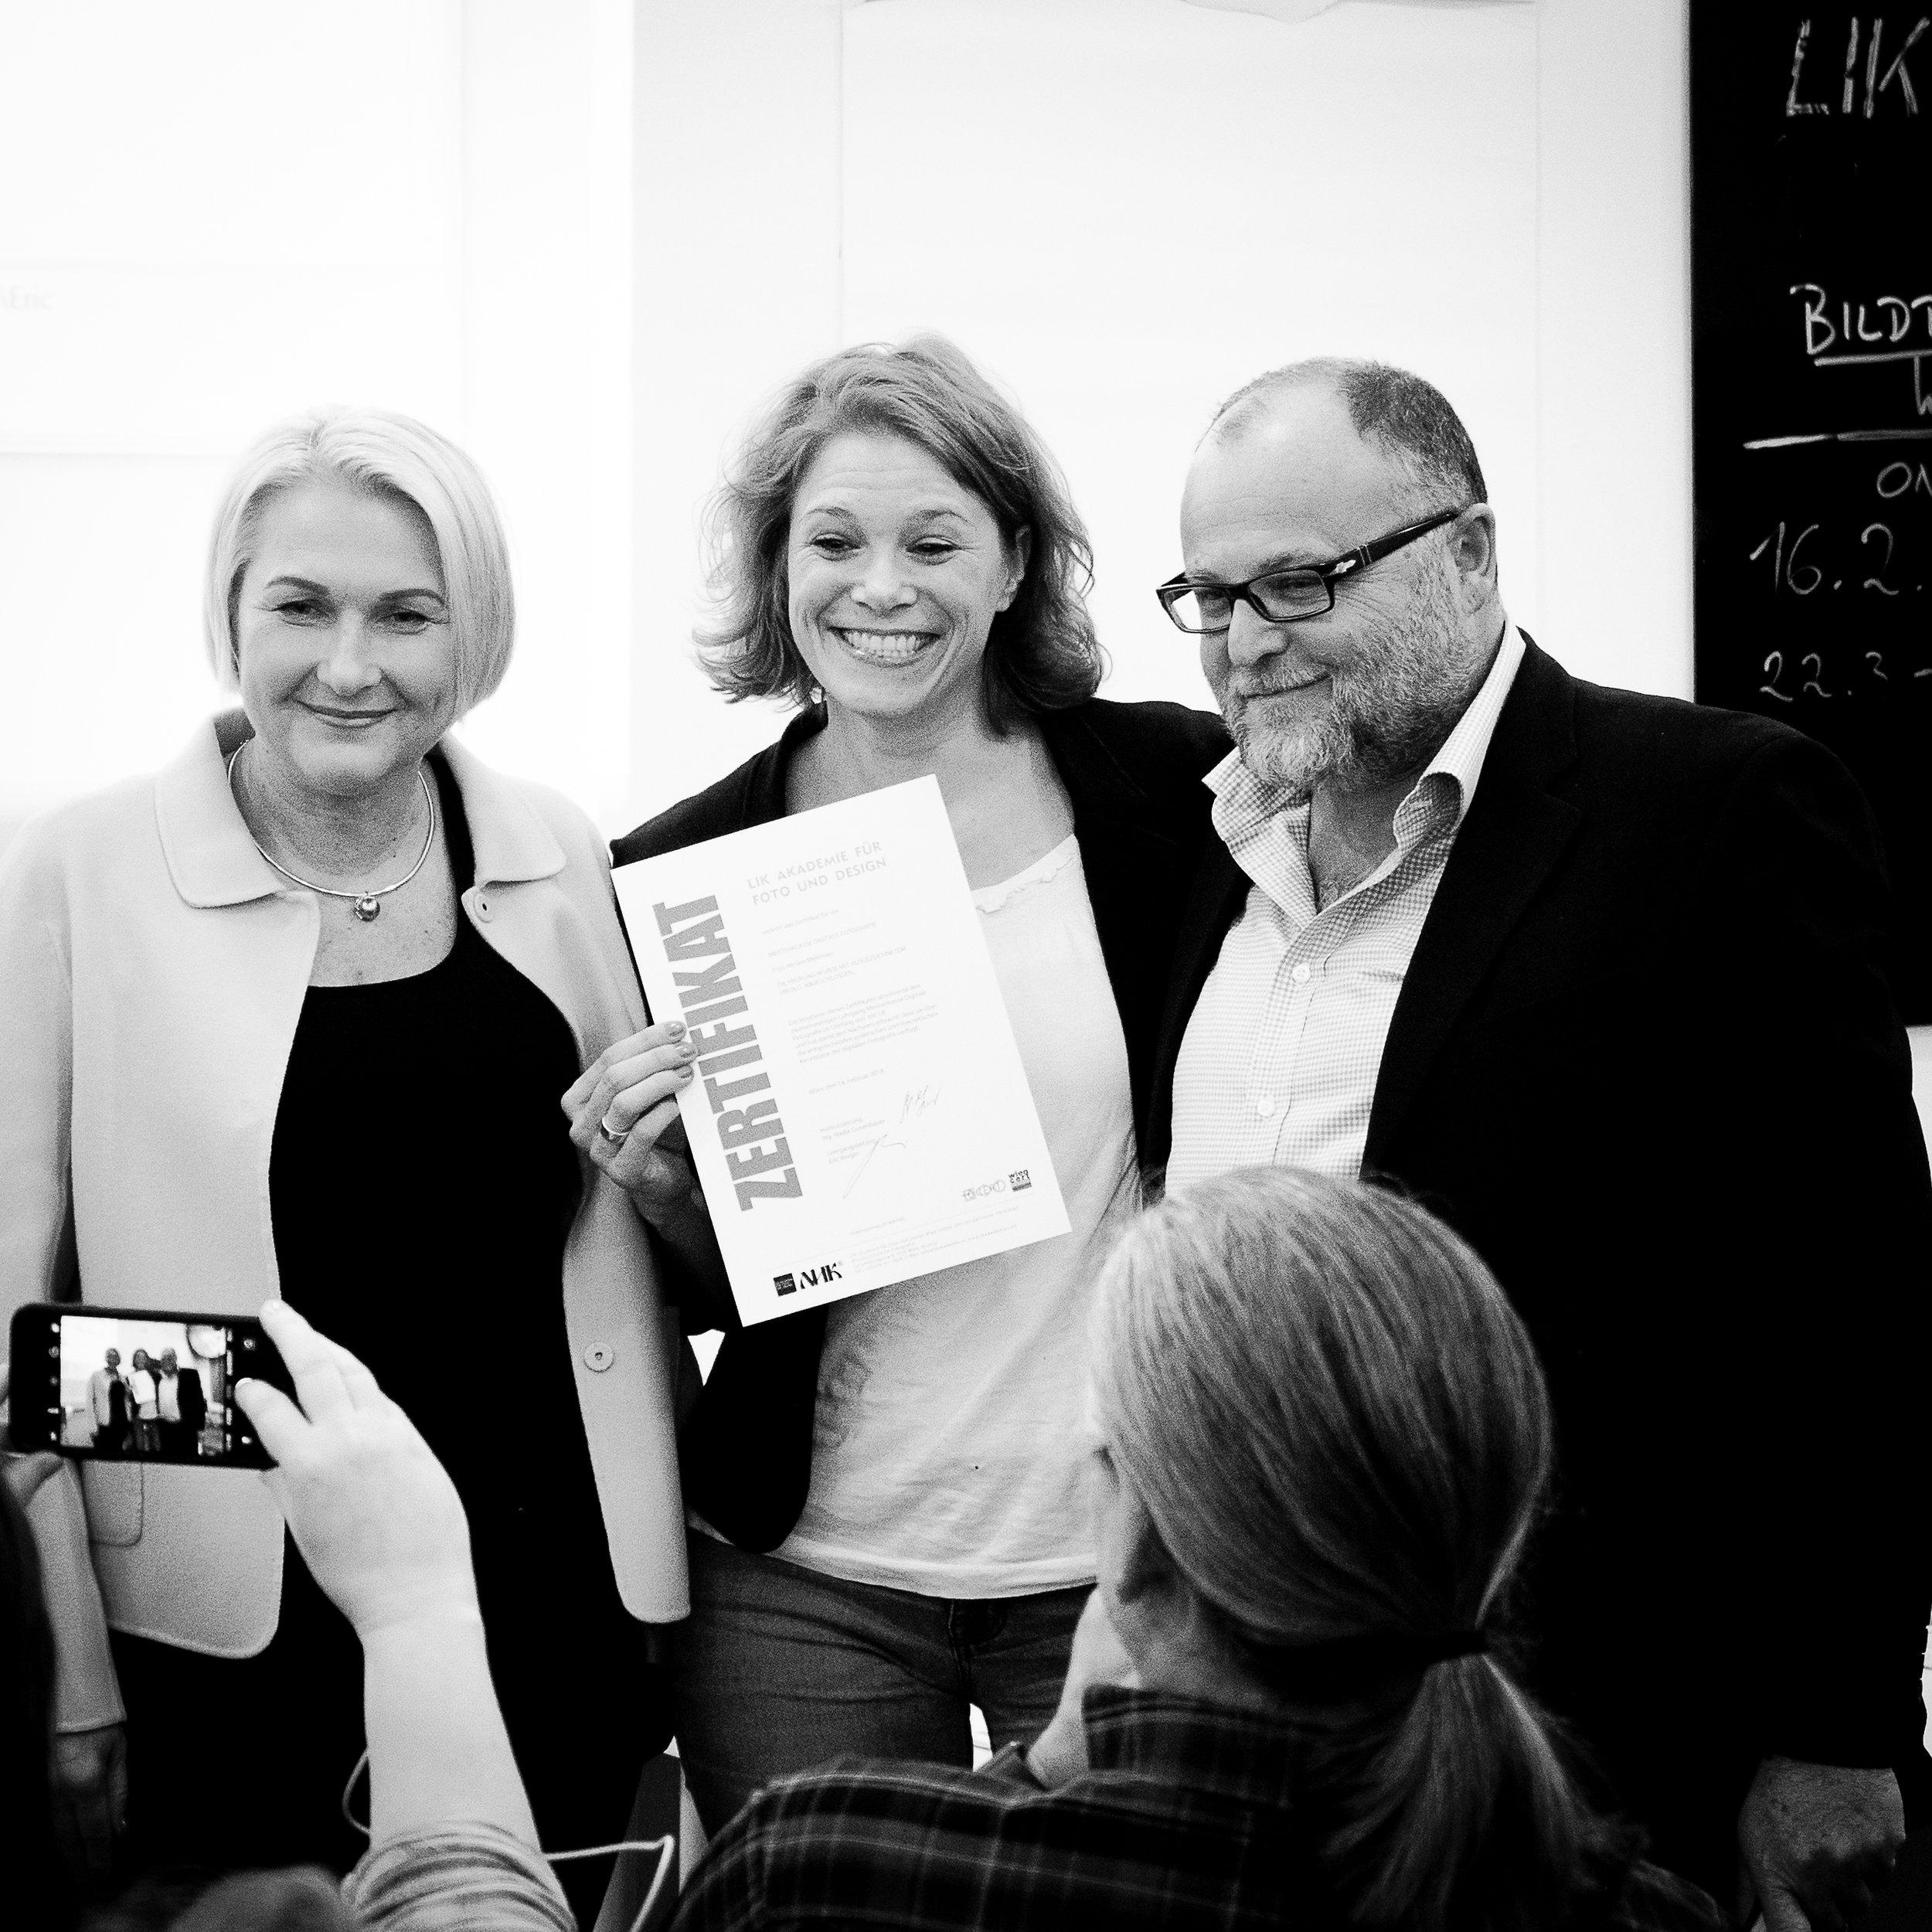 LIK Direktorin Nadja Gusenbauer (links) und Lehrgangsleiter Eric Berger (rechts) hatten das Vergnügen Diplome und Zertifikate an gut gelaunte Absolventen, wie hier im Bild, Miriam Mehlman - LIK Meisterklasse digitale Fotografie, zu überreichen.